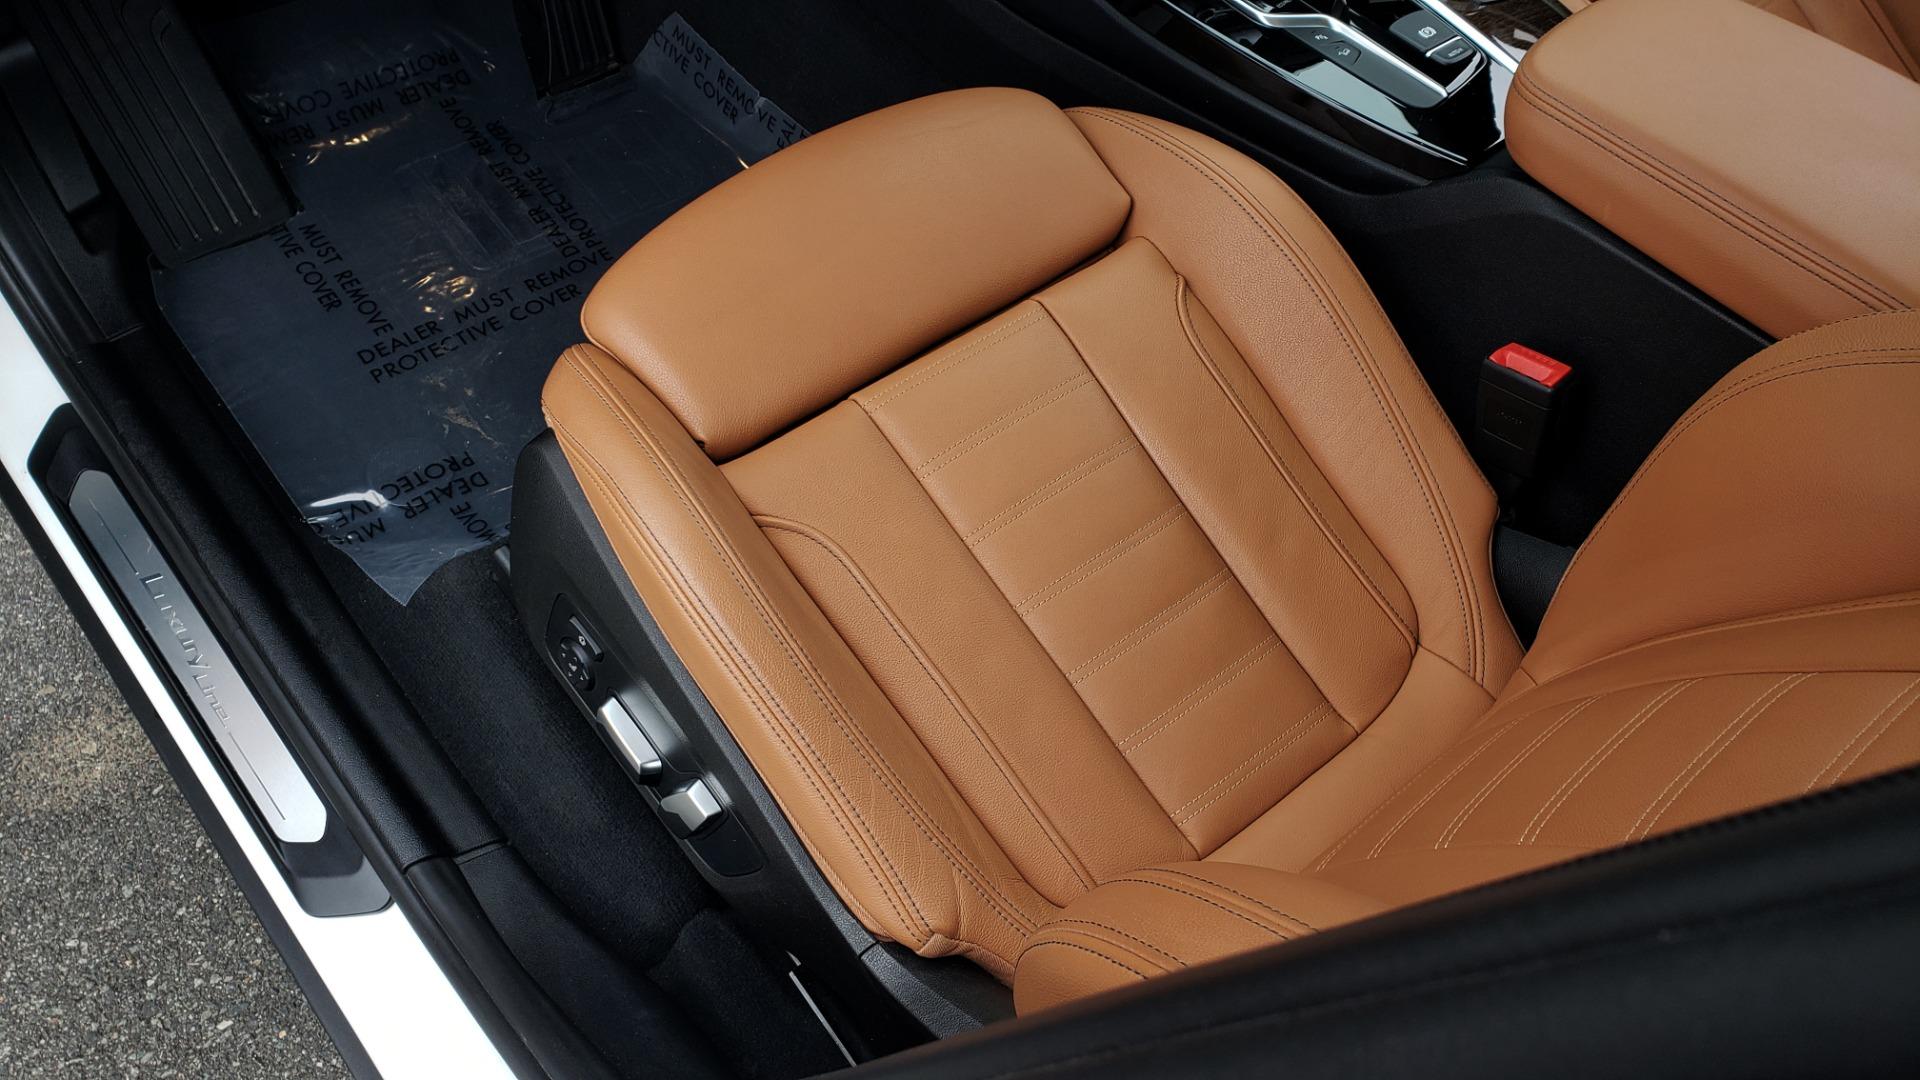 Used 2018 BMW X3 XDRIVE30I / LUX PKG / PREM PKG / CONV PKG / PDC / APPLE CARPLAY for sale Sold at Formula Imports in Charlotte NC 28227 36